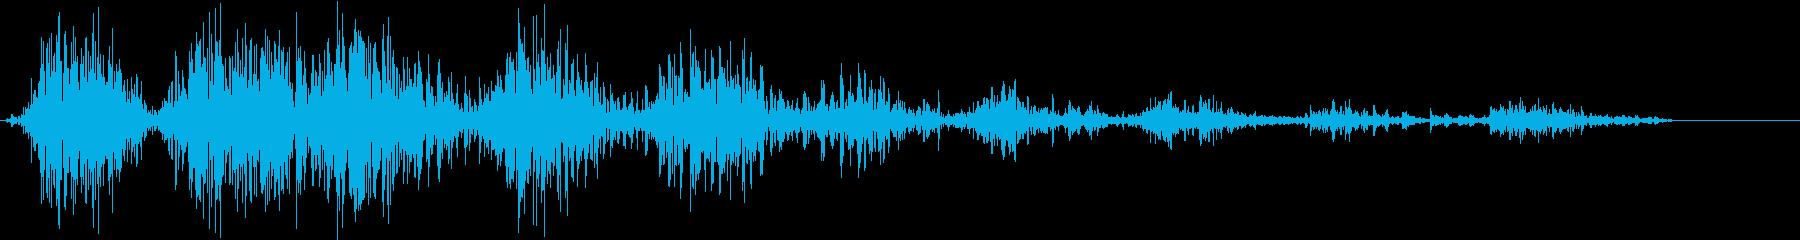 モンスター 笑い声 01の再生済みの波形